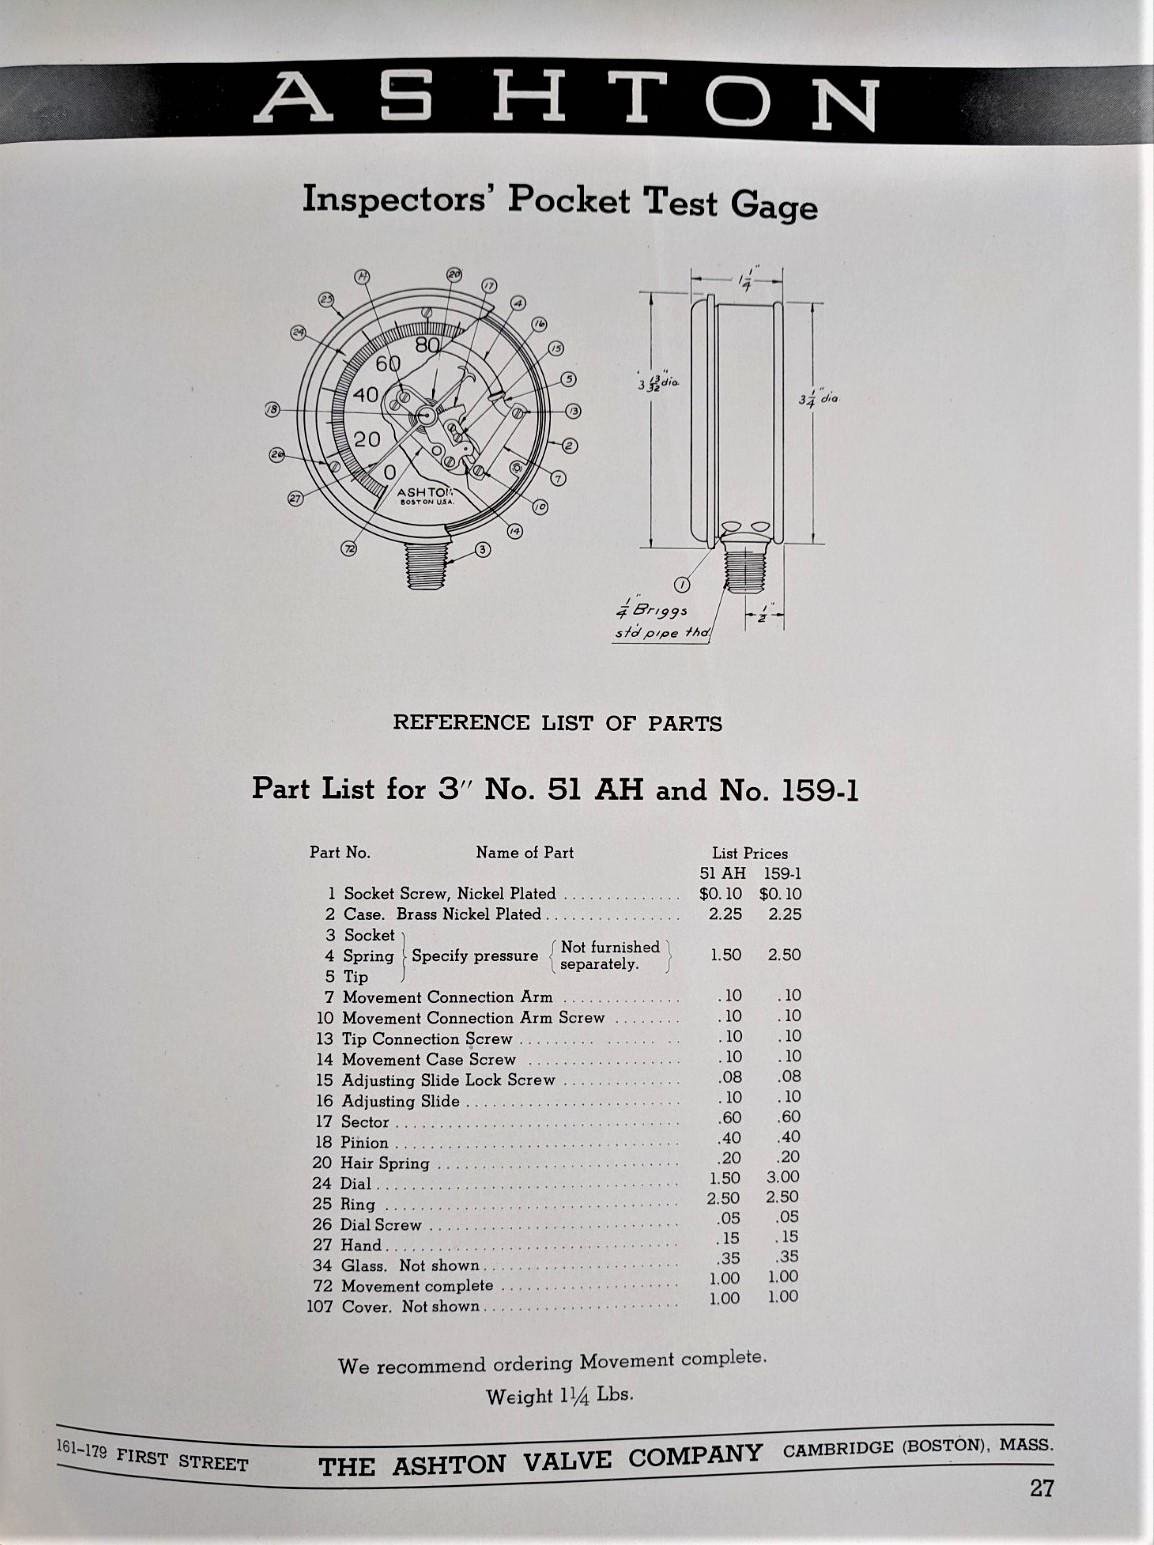 Ashton gage catalog 1941    27.jpg